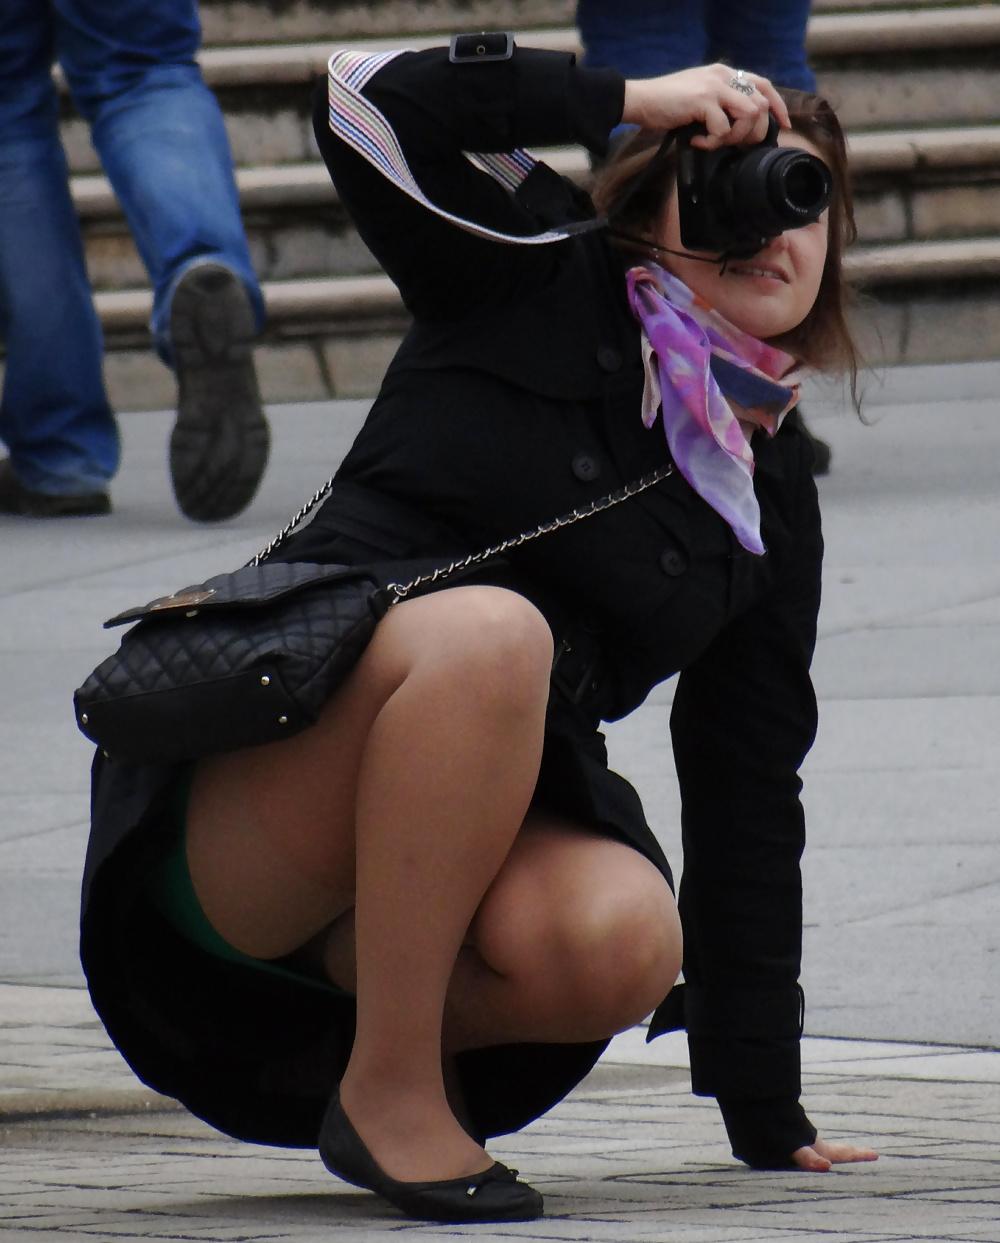 подглядываем под юбками сидящих женщин во время совещания трахнул девку беременную